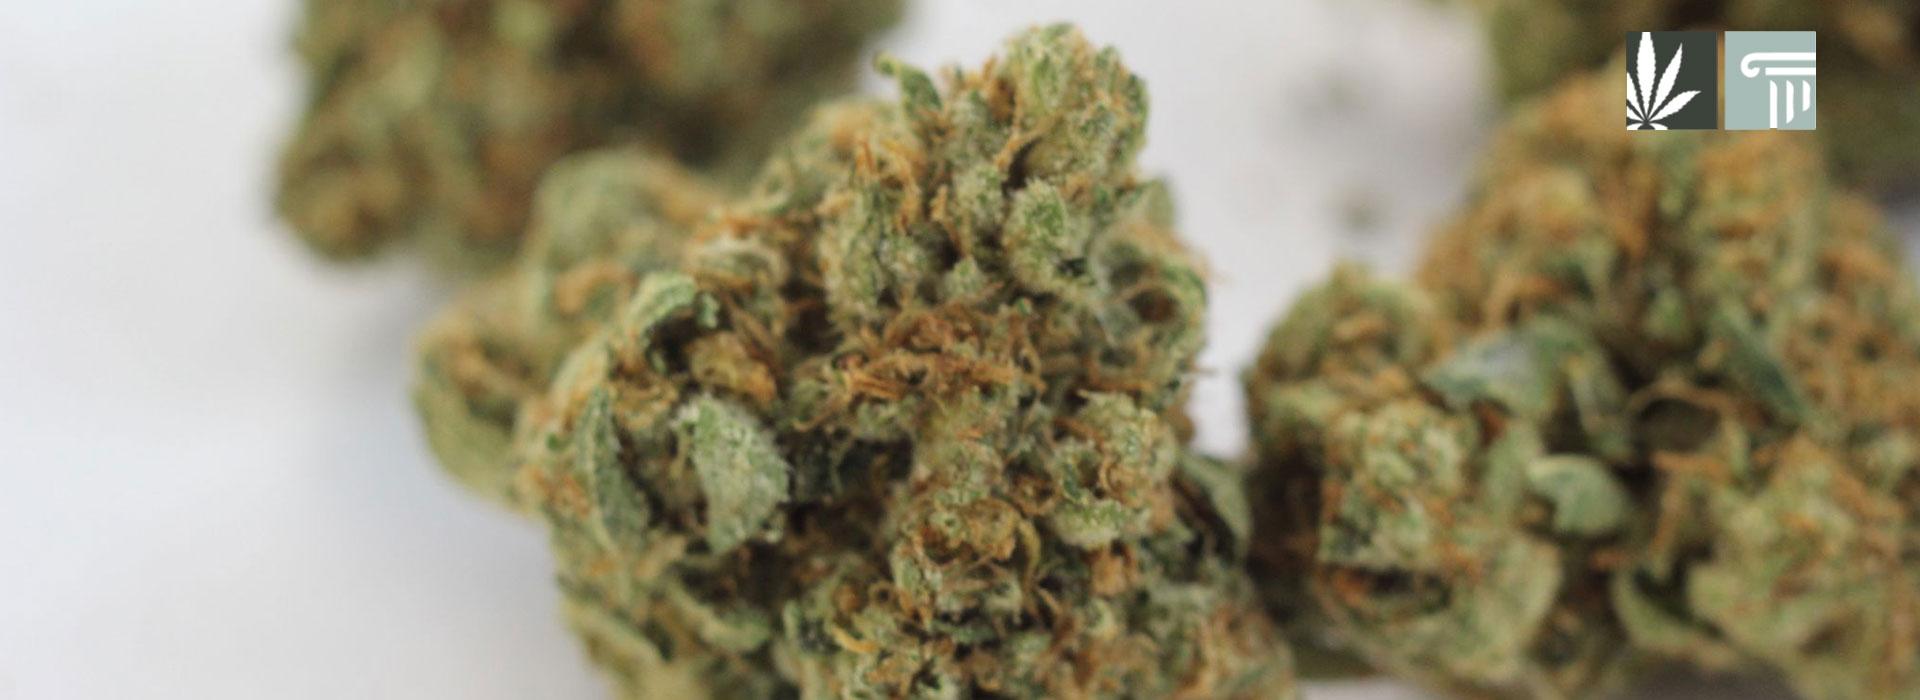 virginia legalizes marijuana